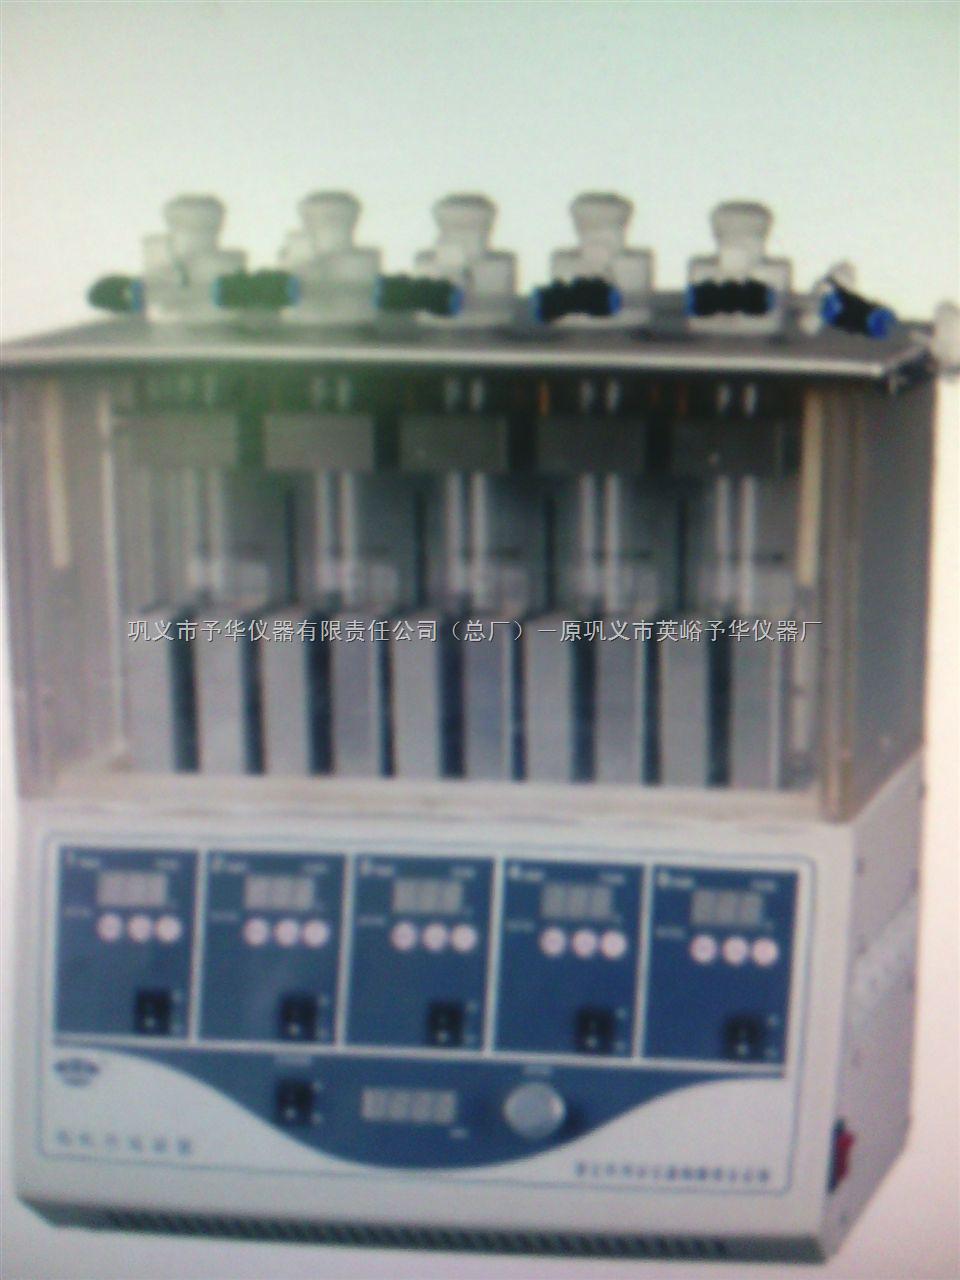 PPS-1510  PPS-2510有机合成装置,已申请专利